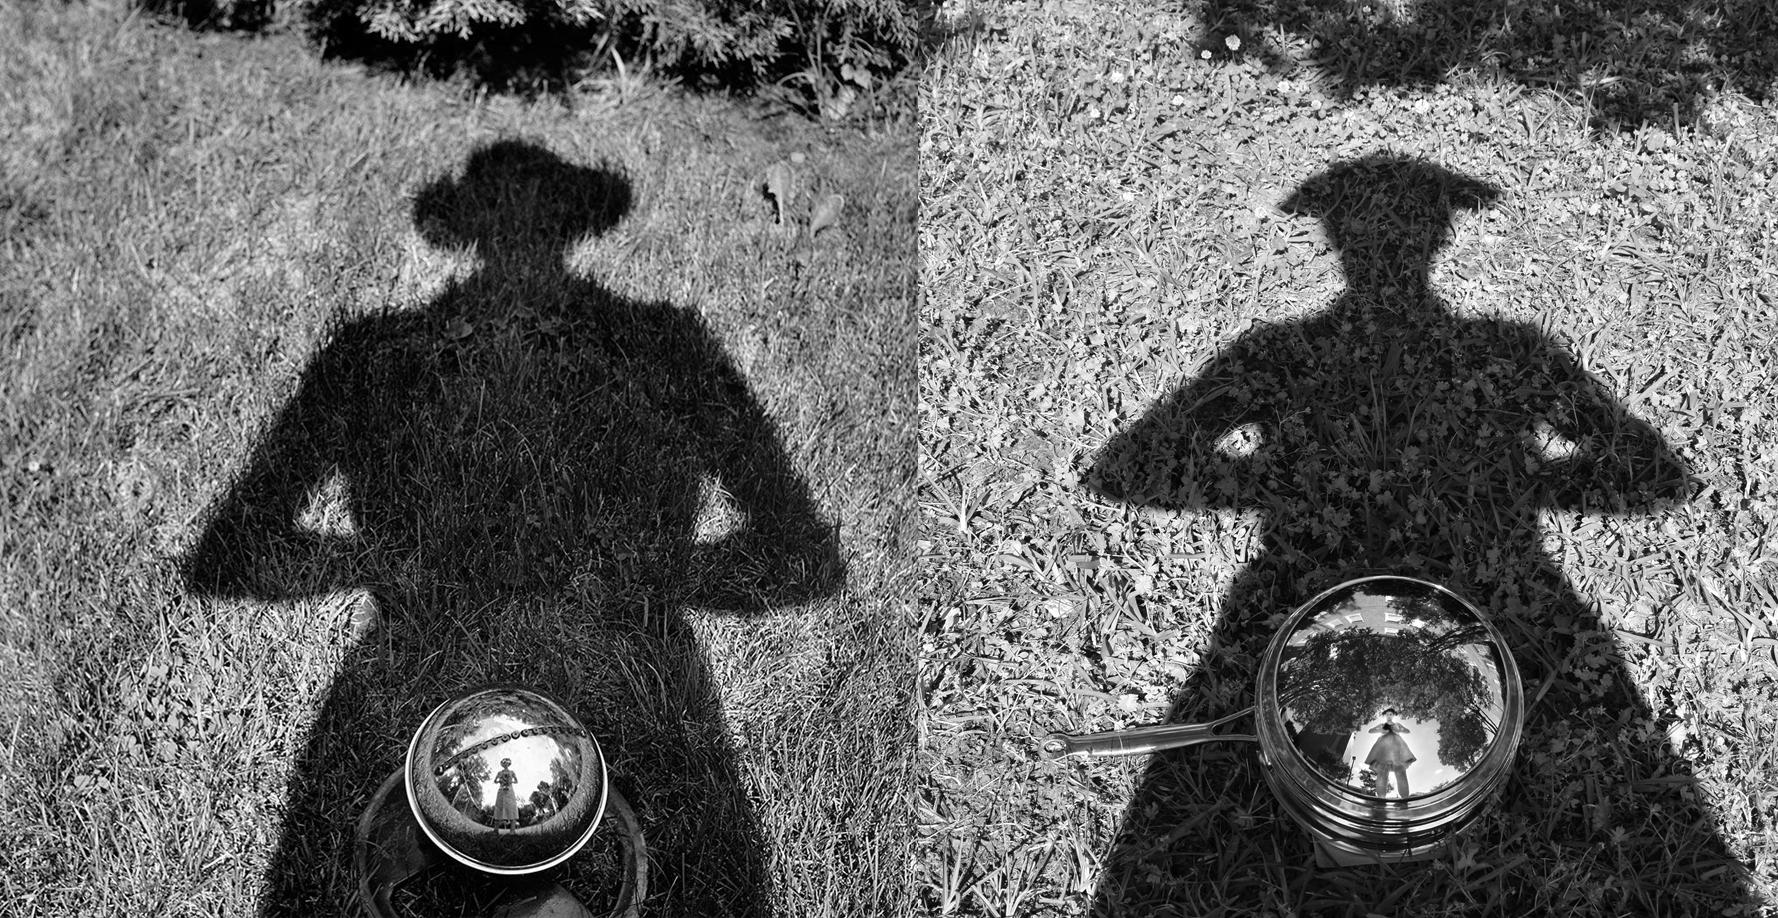 Vivian Maier self-portrait pastiche